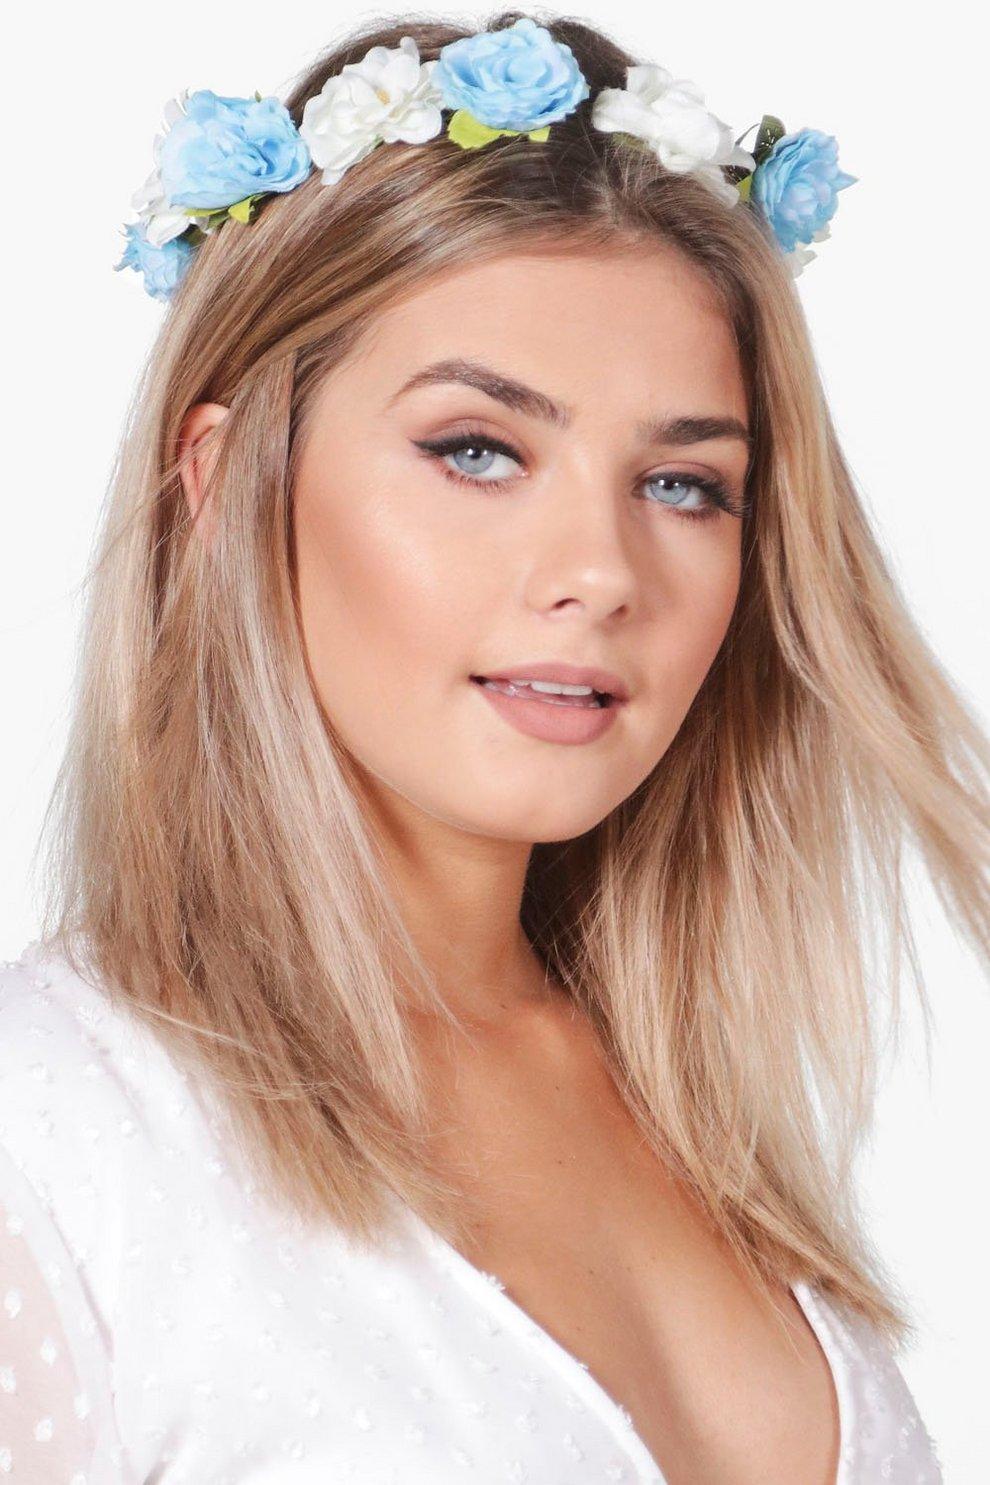 c828169ba81 Harriet Floral Hair Crown. Womens Blue Harriet Floral Hair Crown. Hover to  zoom